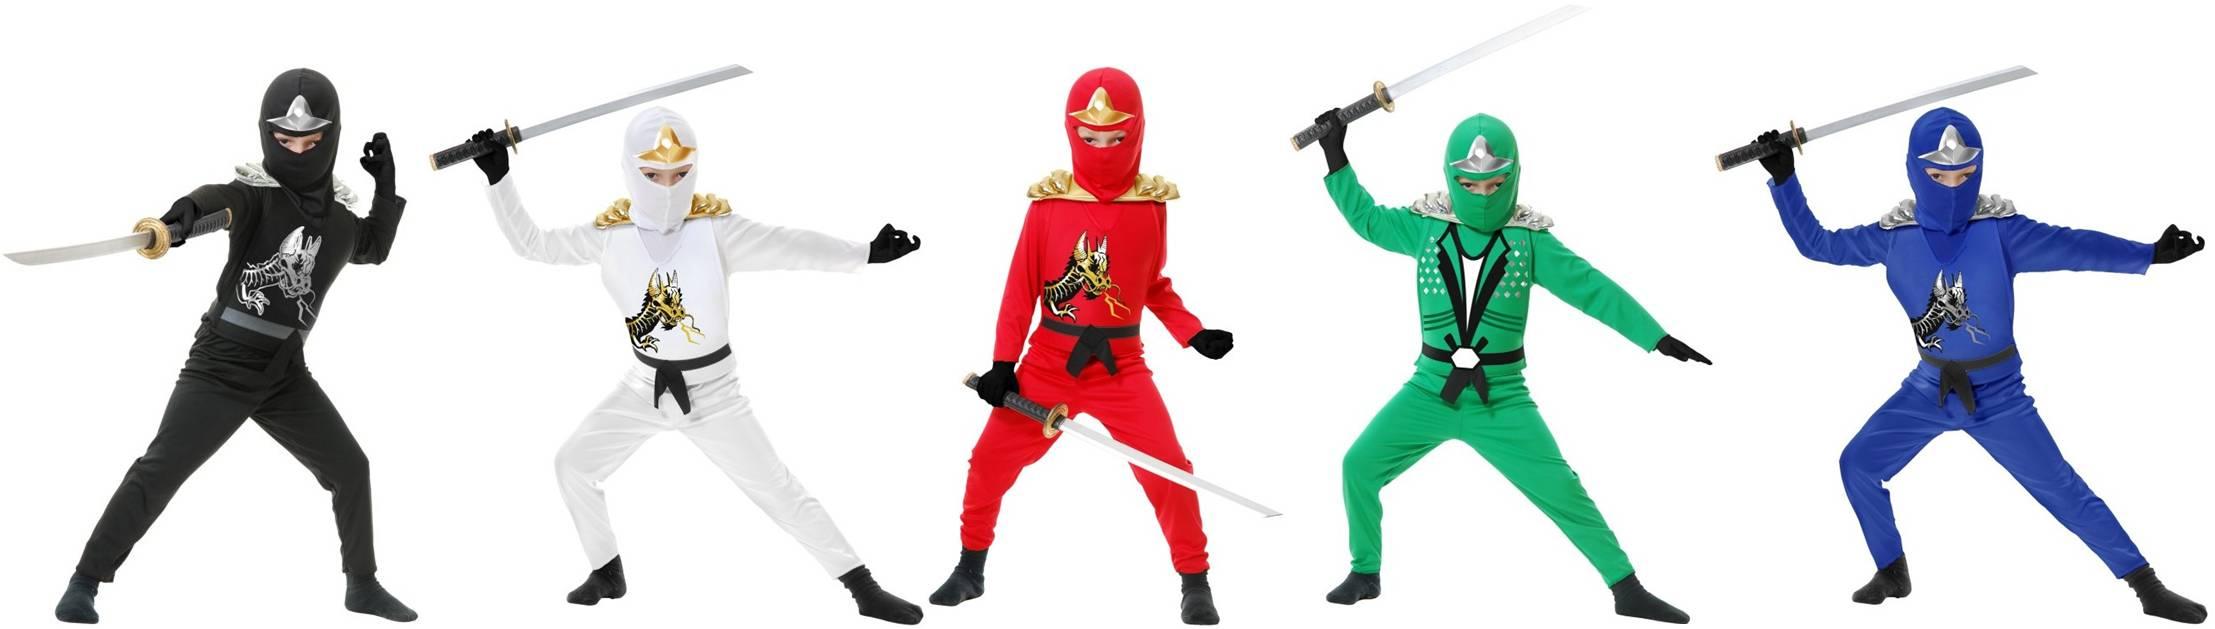 NINJA AVENGER SERIES II W/ ARMOR $39.99  sc 1 st  Crazy For Costumes & Crazy For Costumes/La Casa De Los Trucos (305) 858-5029 - Miami ...